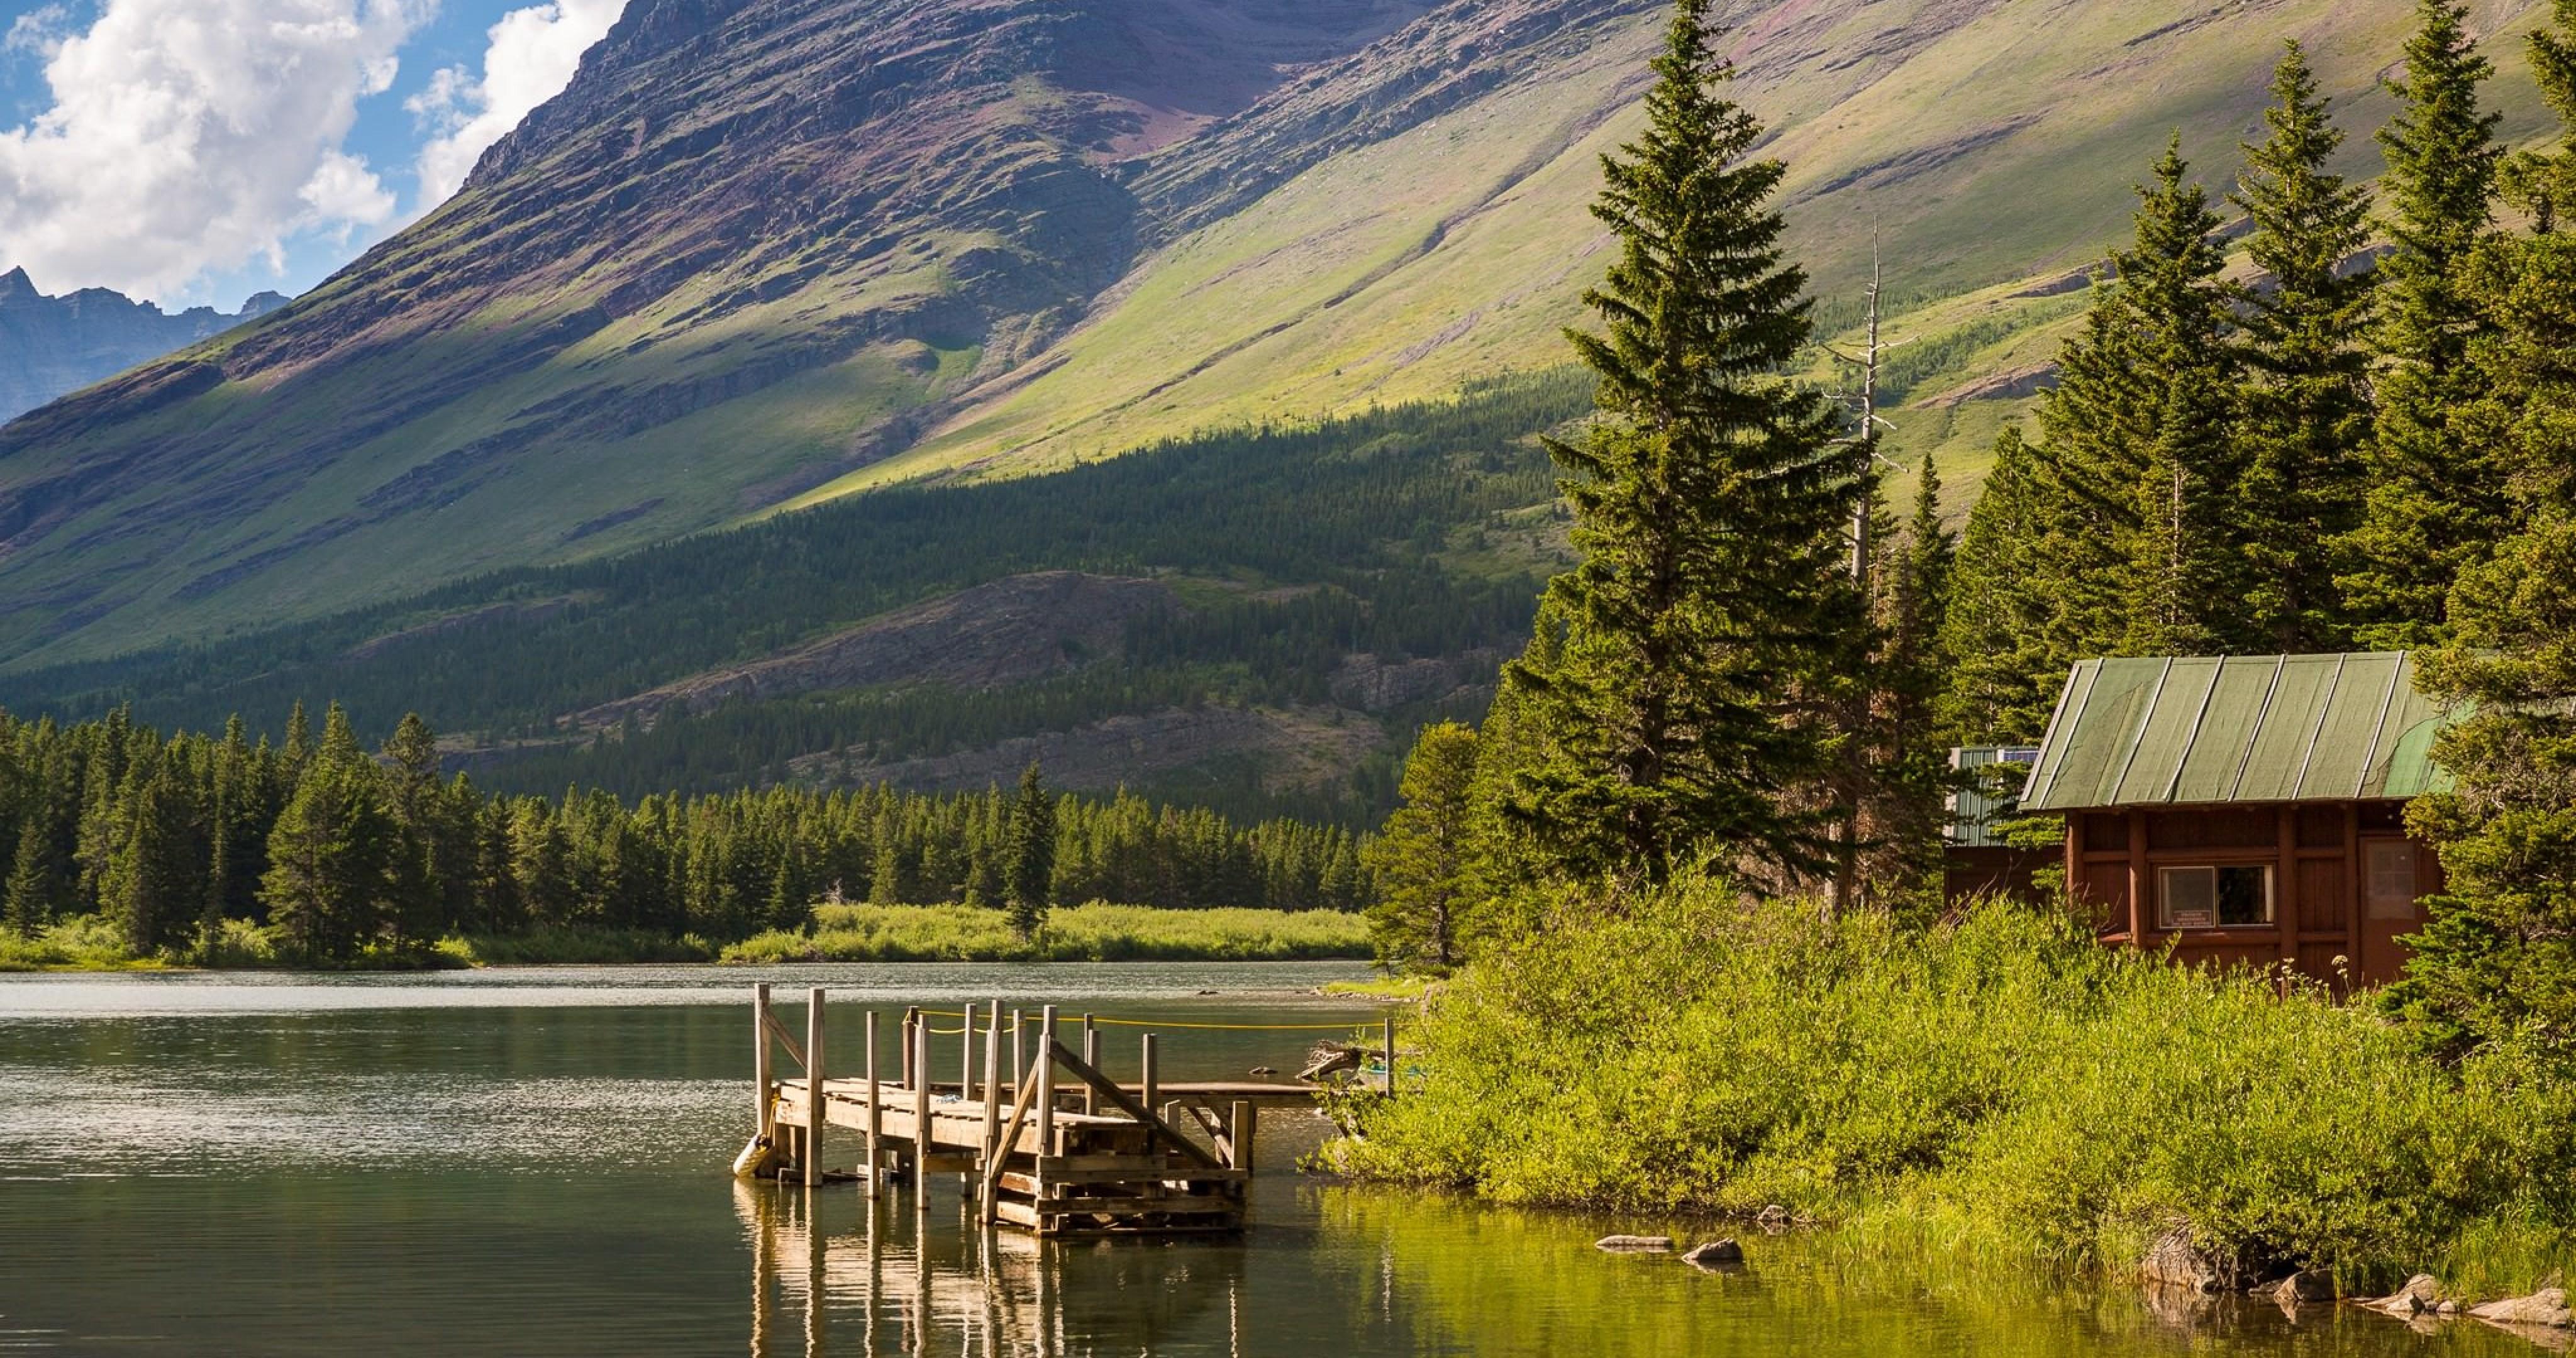 Hike Lake Glacier National Park Montana 4k Ultra Hd Montana